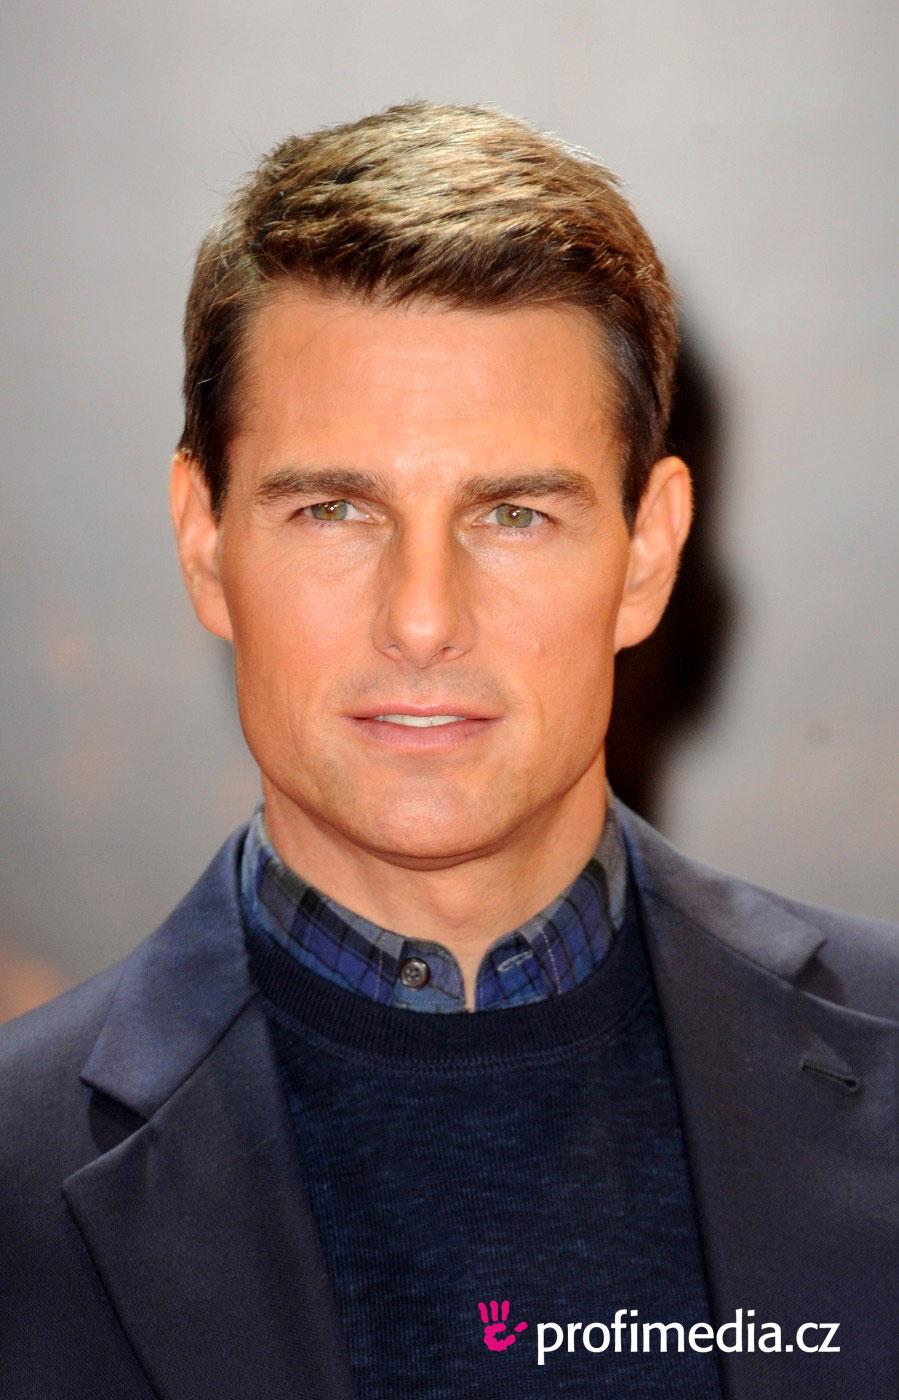 Tom Cruise Frisur Zum Ausprobieren In EFrisuren